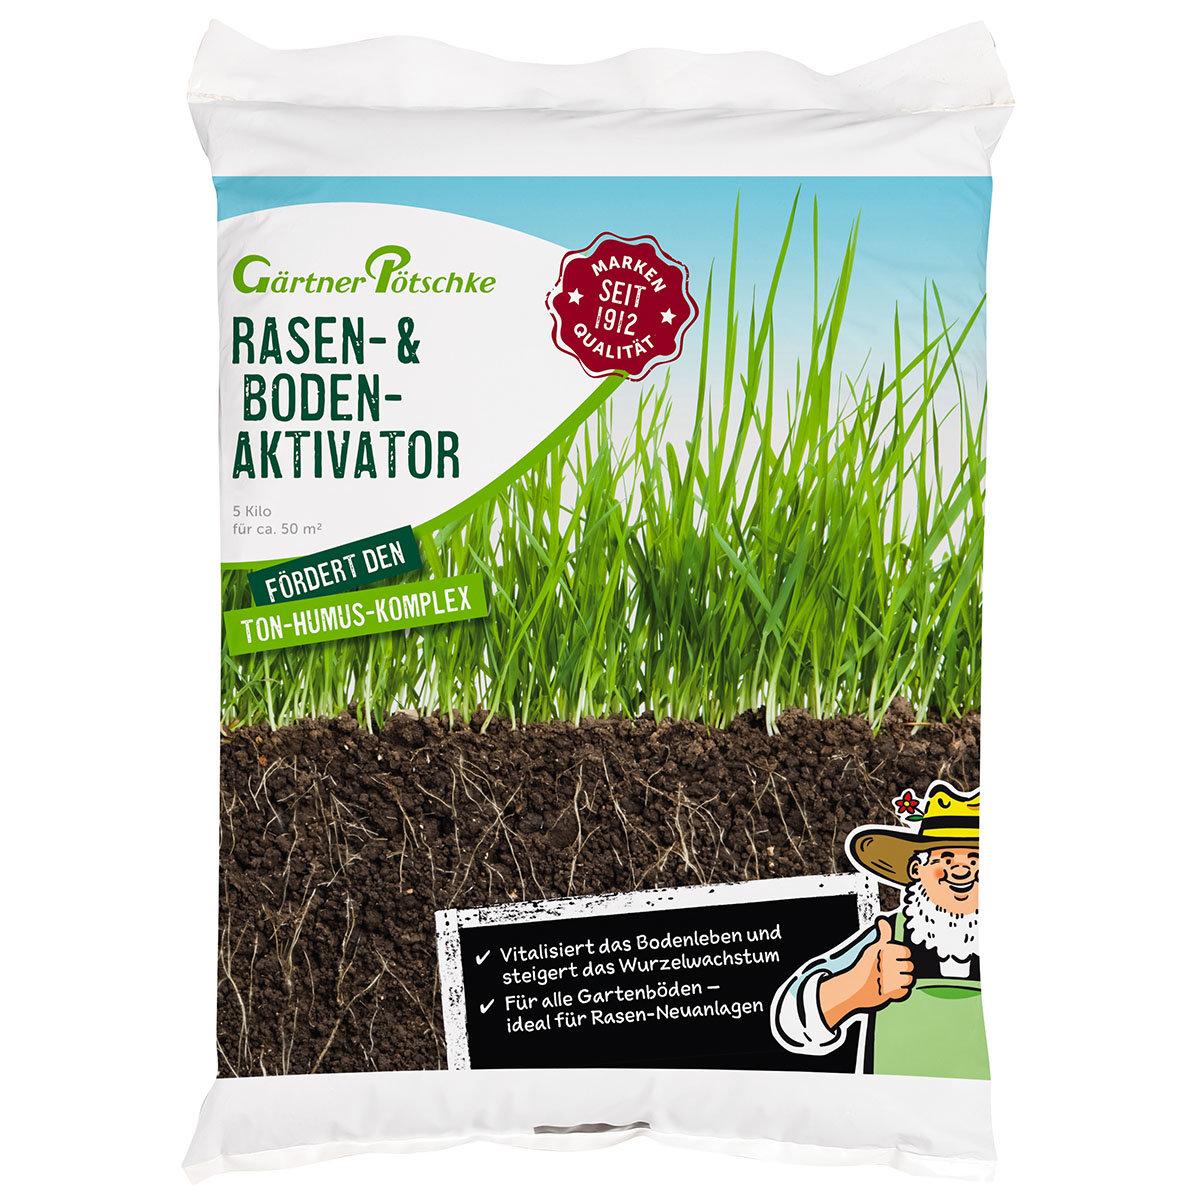 Rasen- und Bodenaktivator, 5 kg